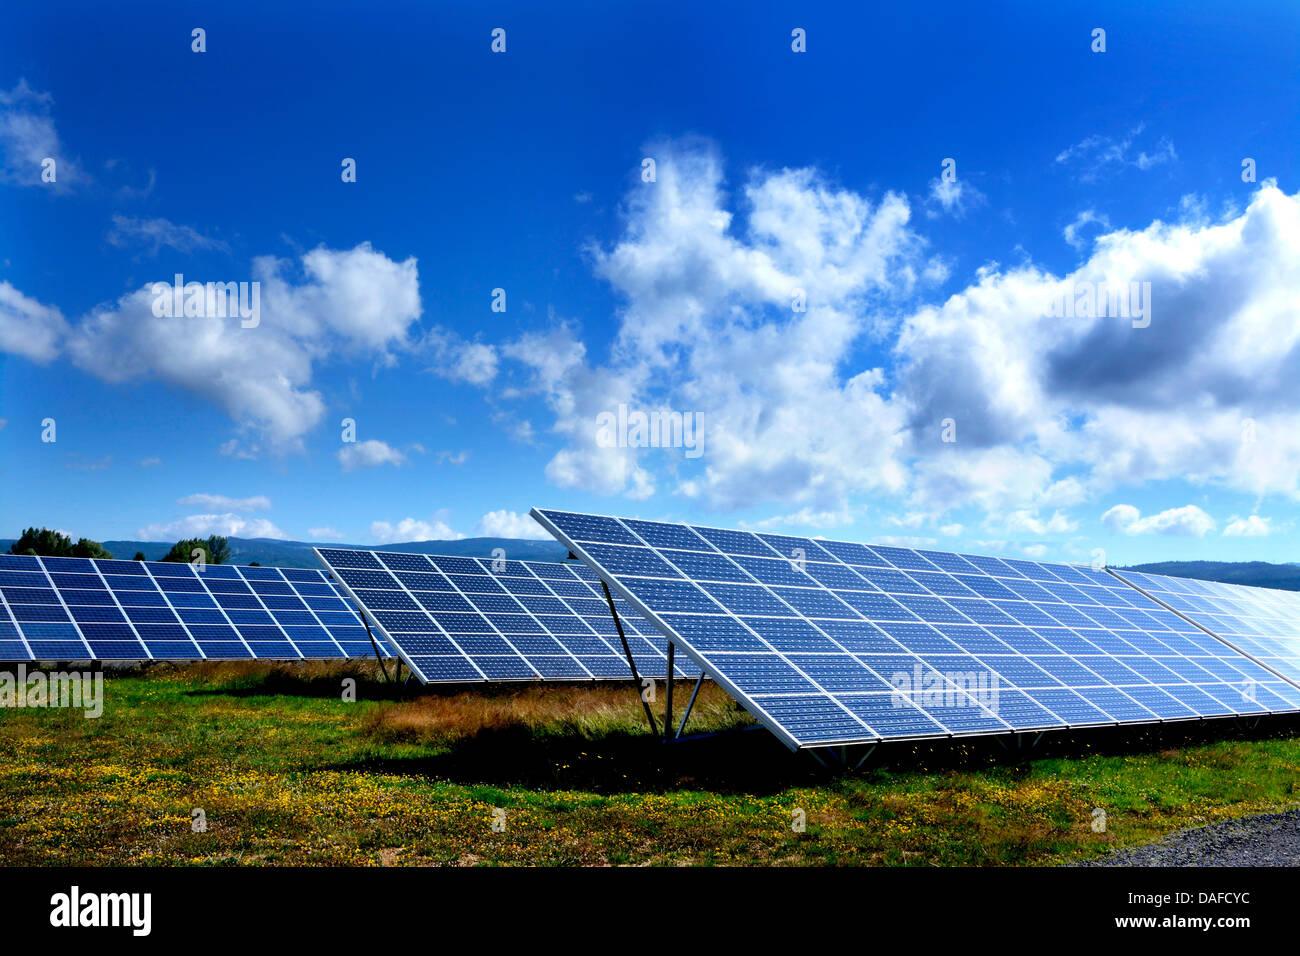 Los paneles solares de producción de energía renovable en una matriz de gran tamaño en una granja Imagen De Stock